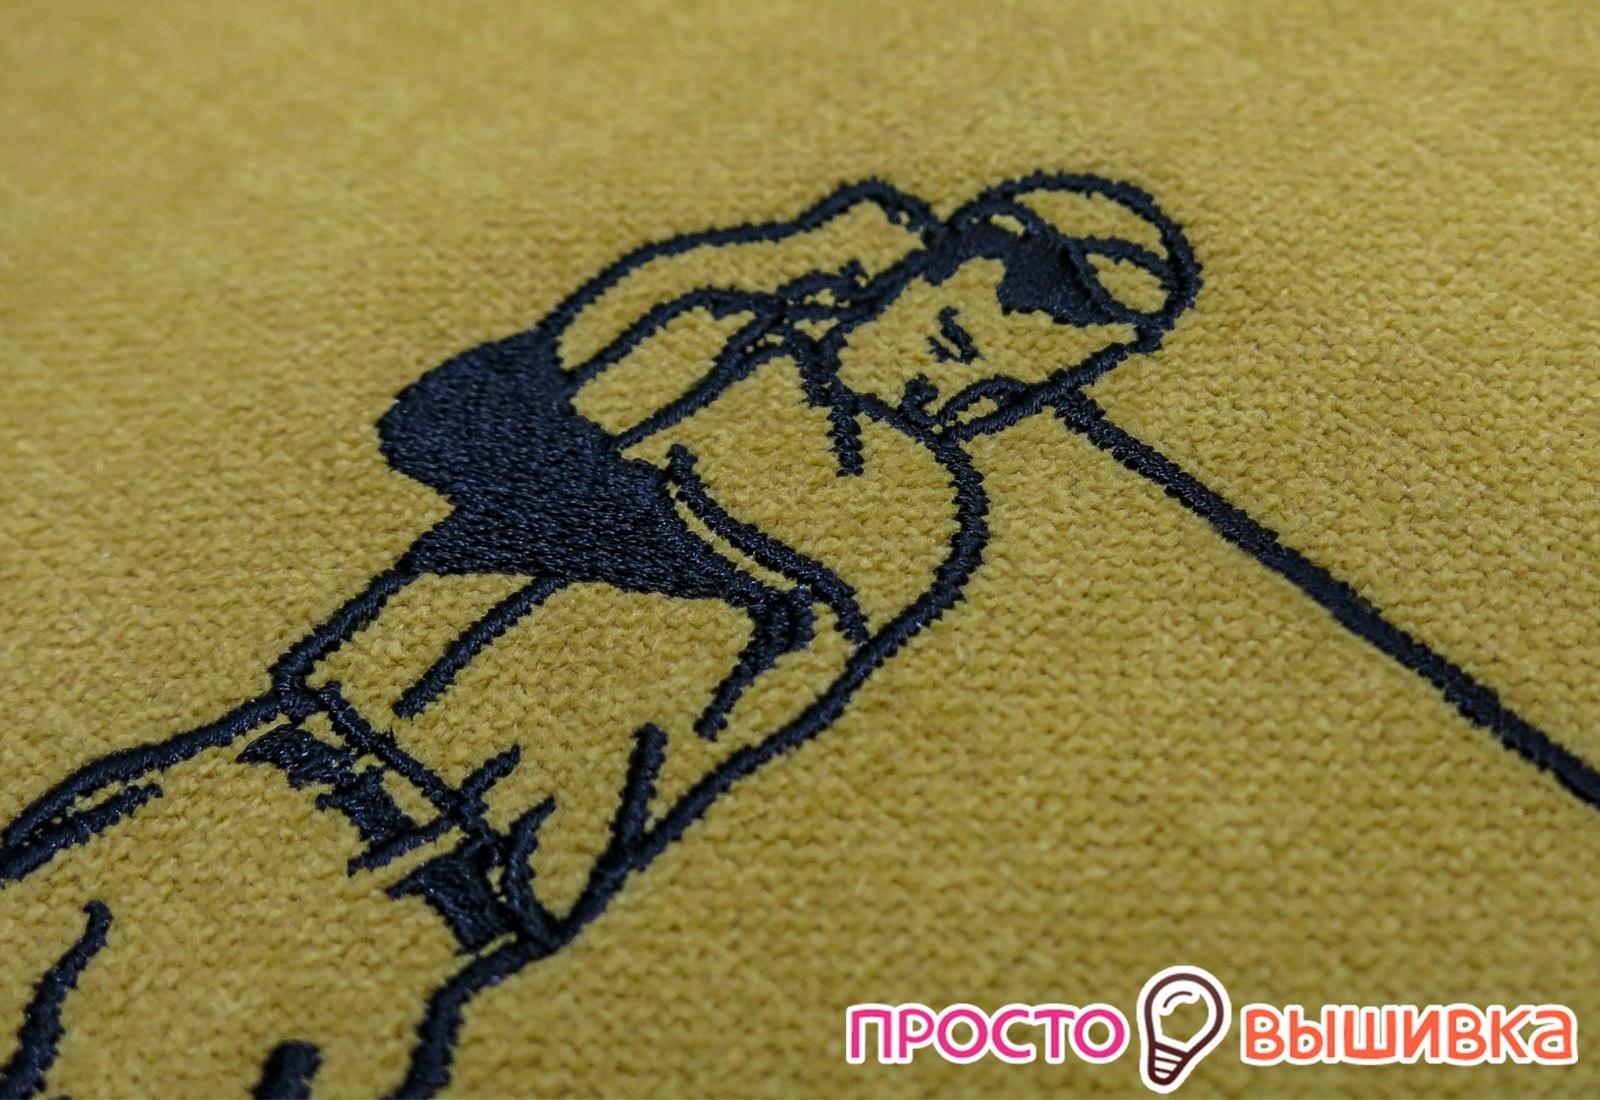 Вышивка контуром на подушке